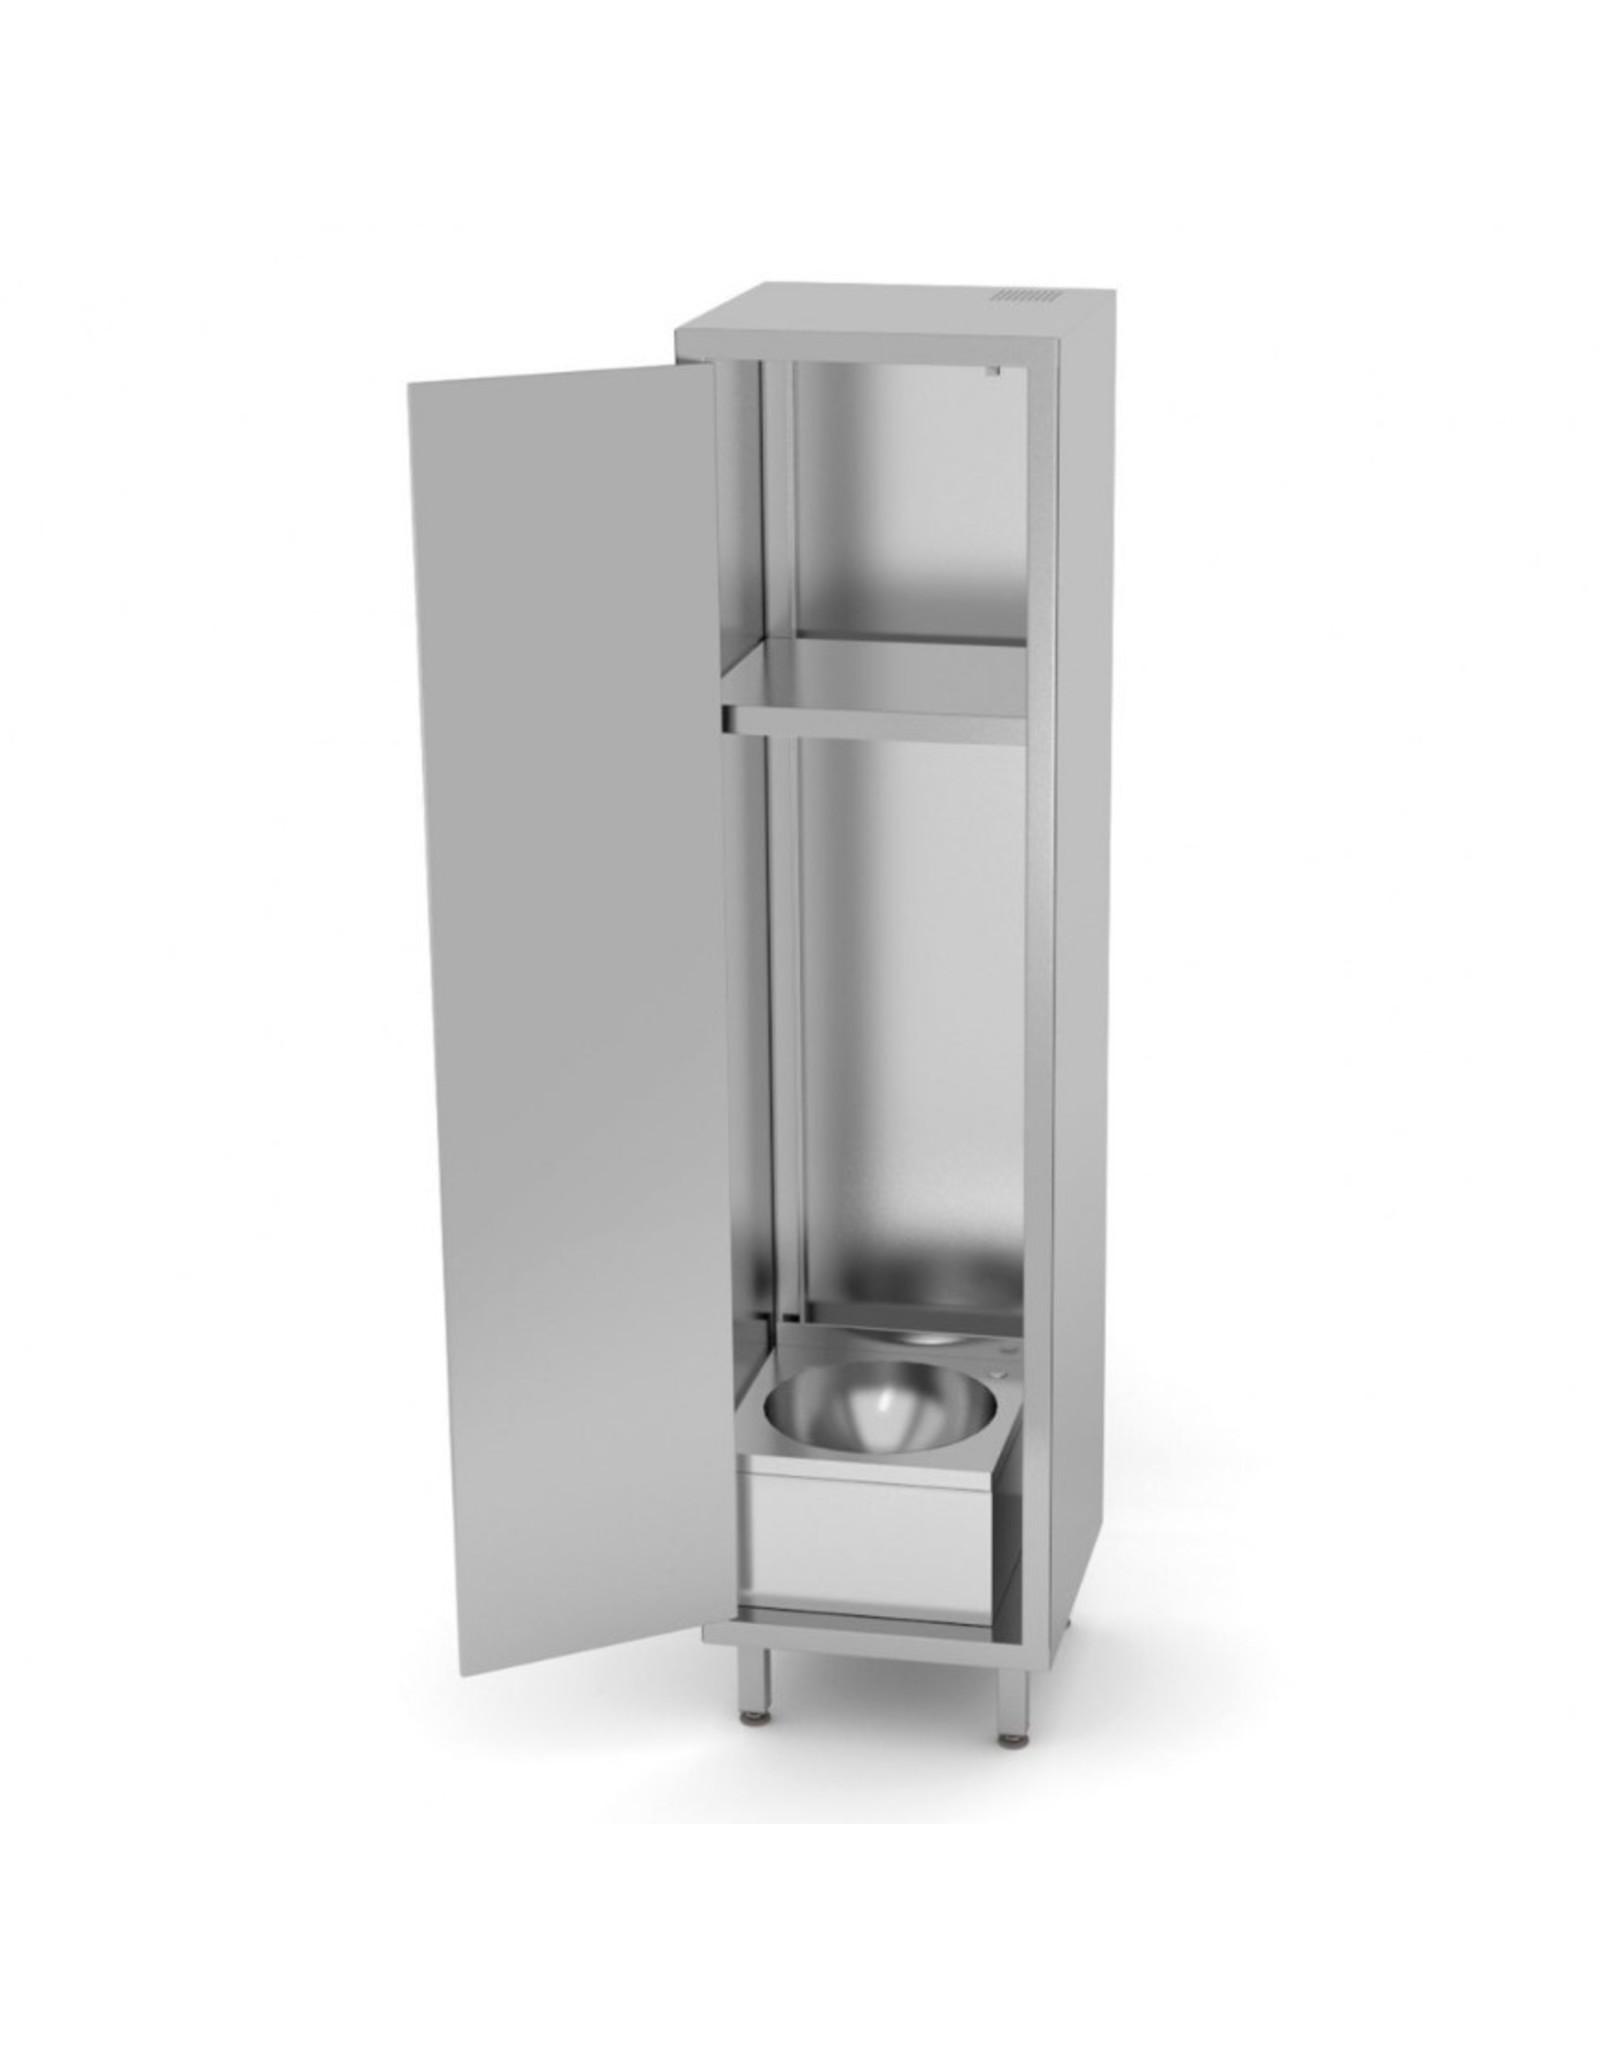 Kast met wasbak en klapdeur | 500mm breed | 500mm diep | 1800mm hoog